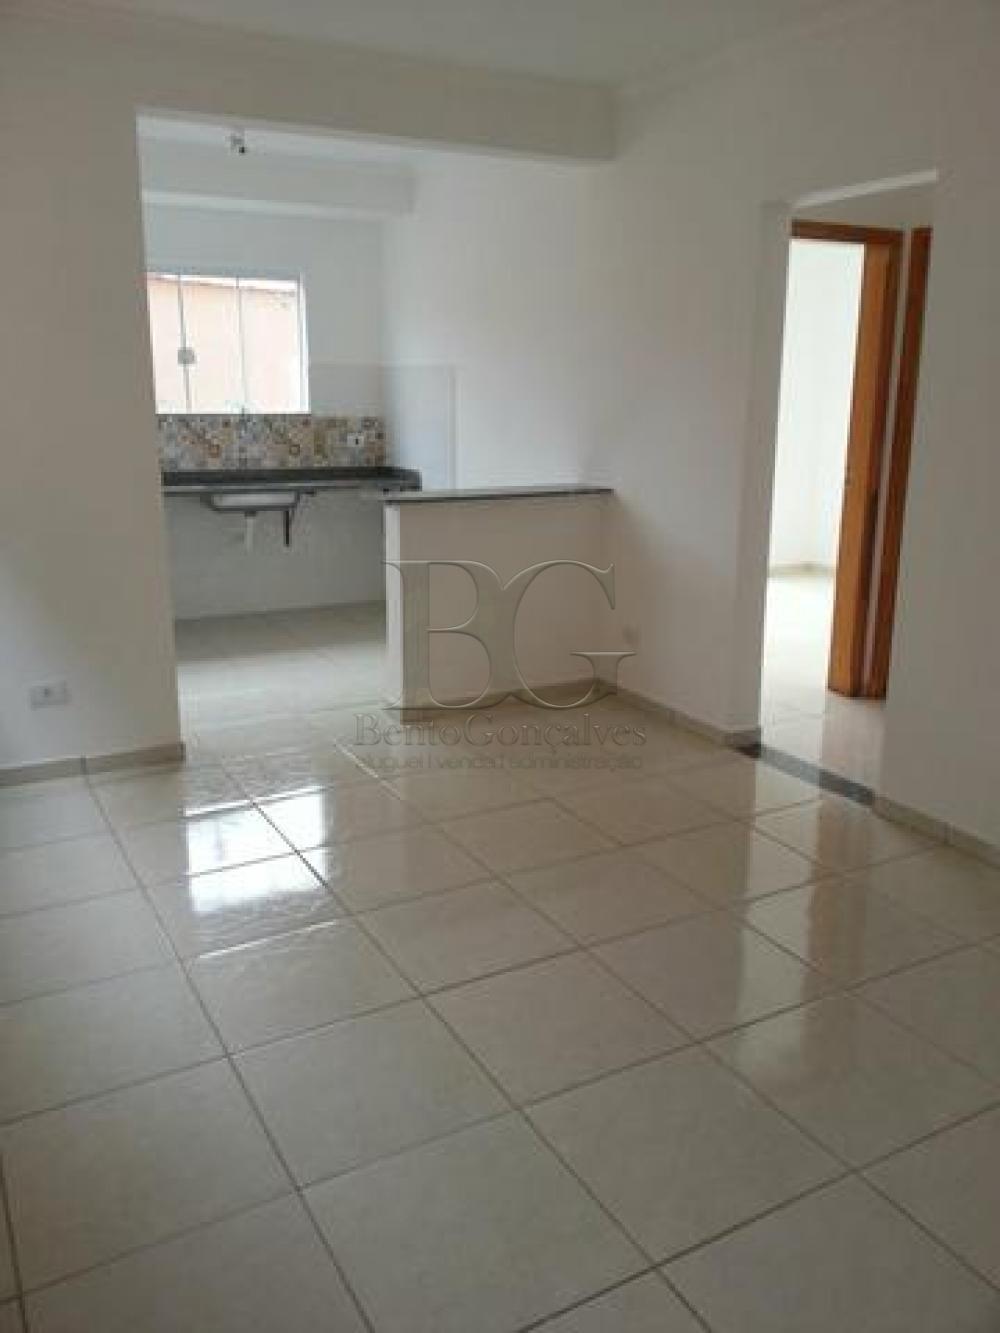 Comprar Apartamentos / Padrão em Poços de Caldas apenas R$ 180.000,00 - Foto 6